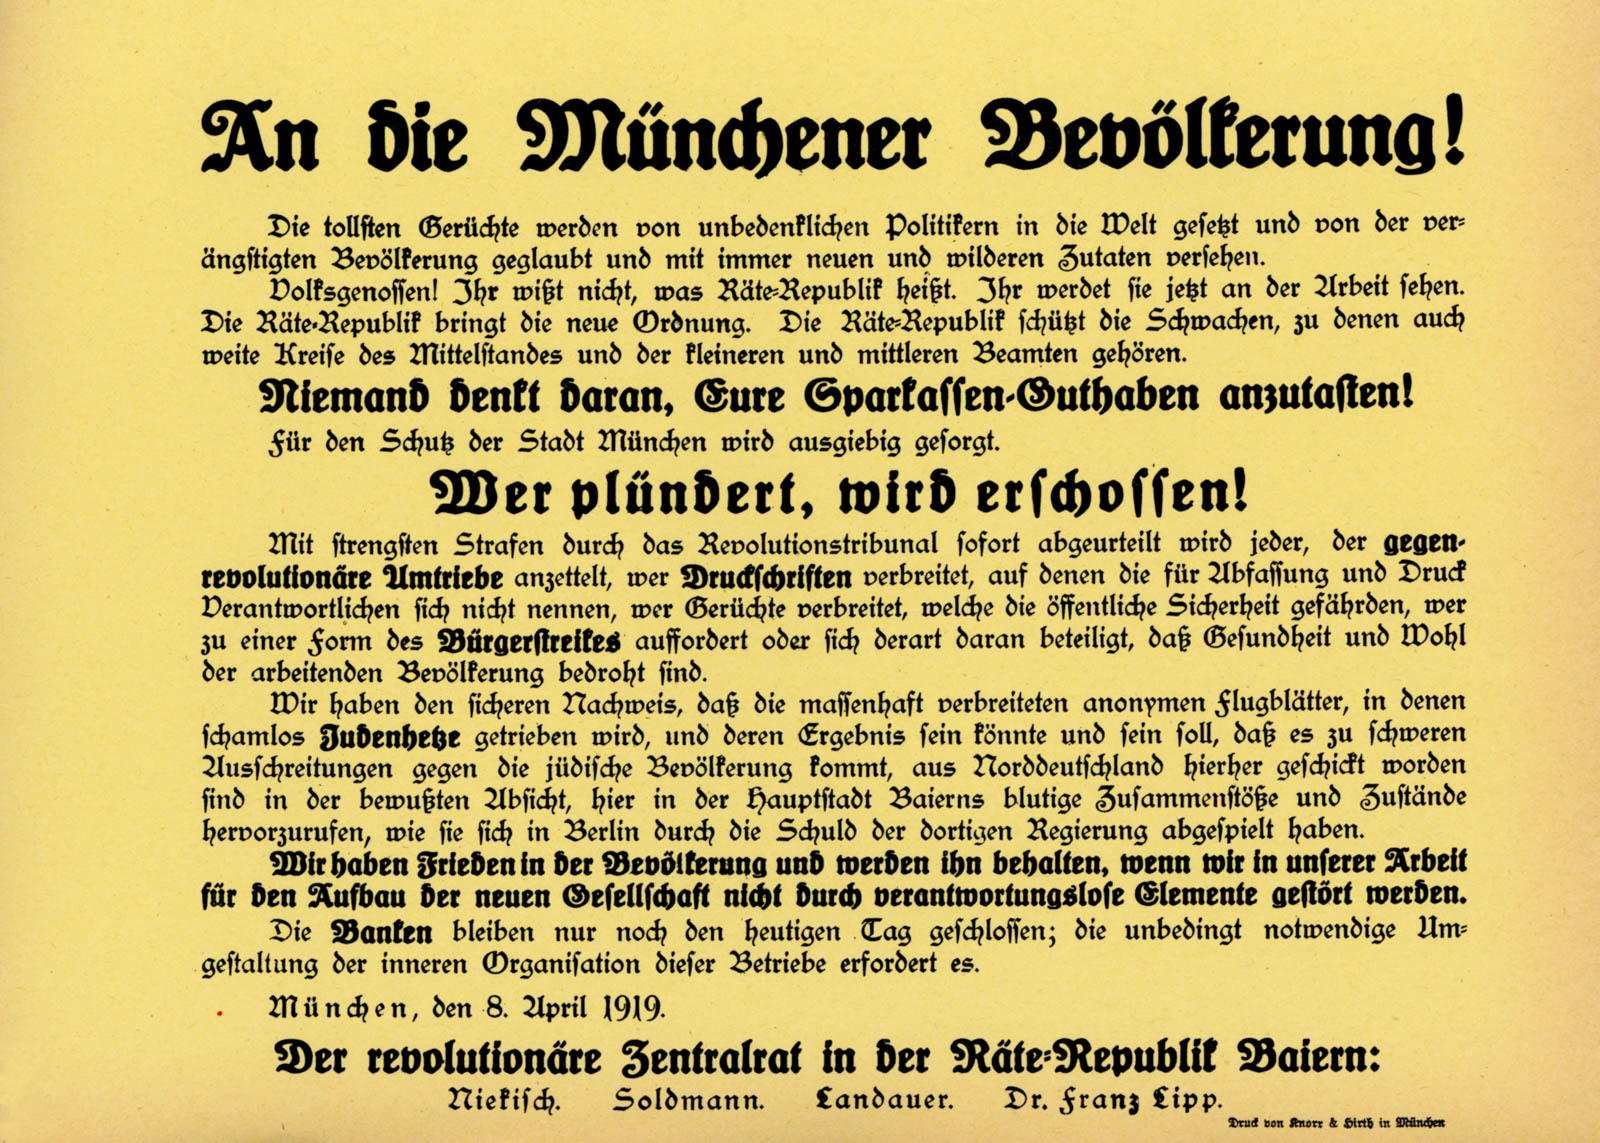 An die Münchner Bevölkerung!